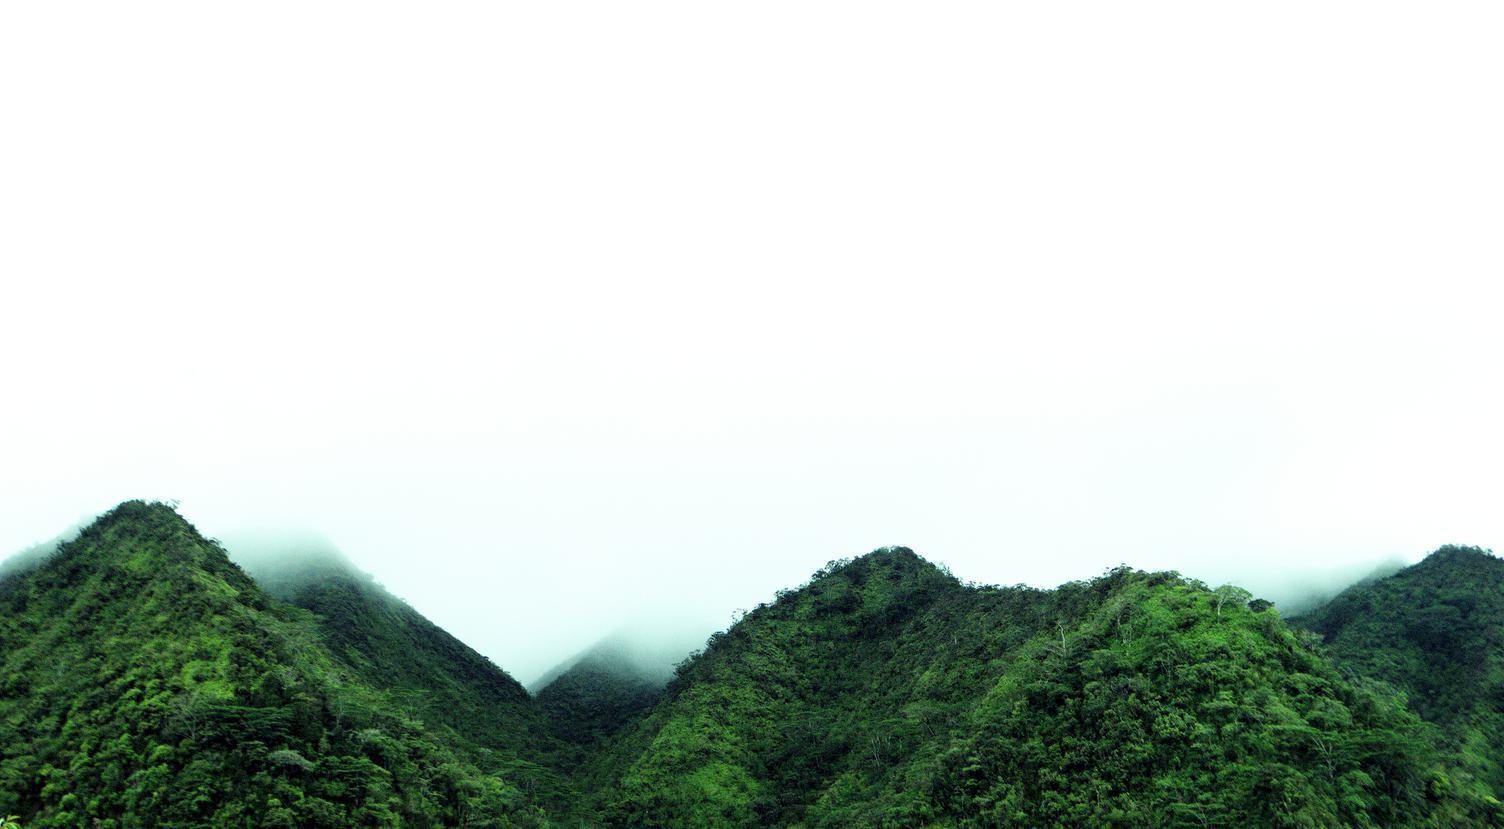 Hills in the Fog, Manoa Valley, Oahu, Hawaii